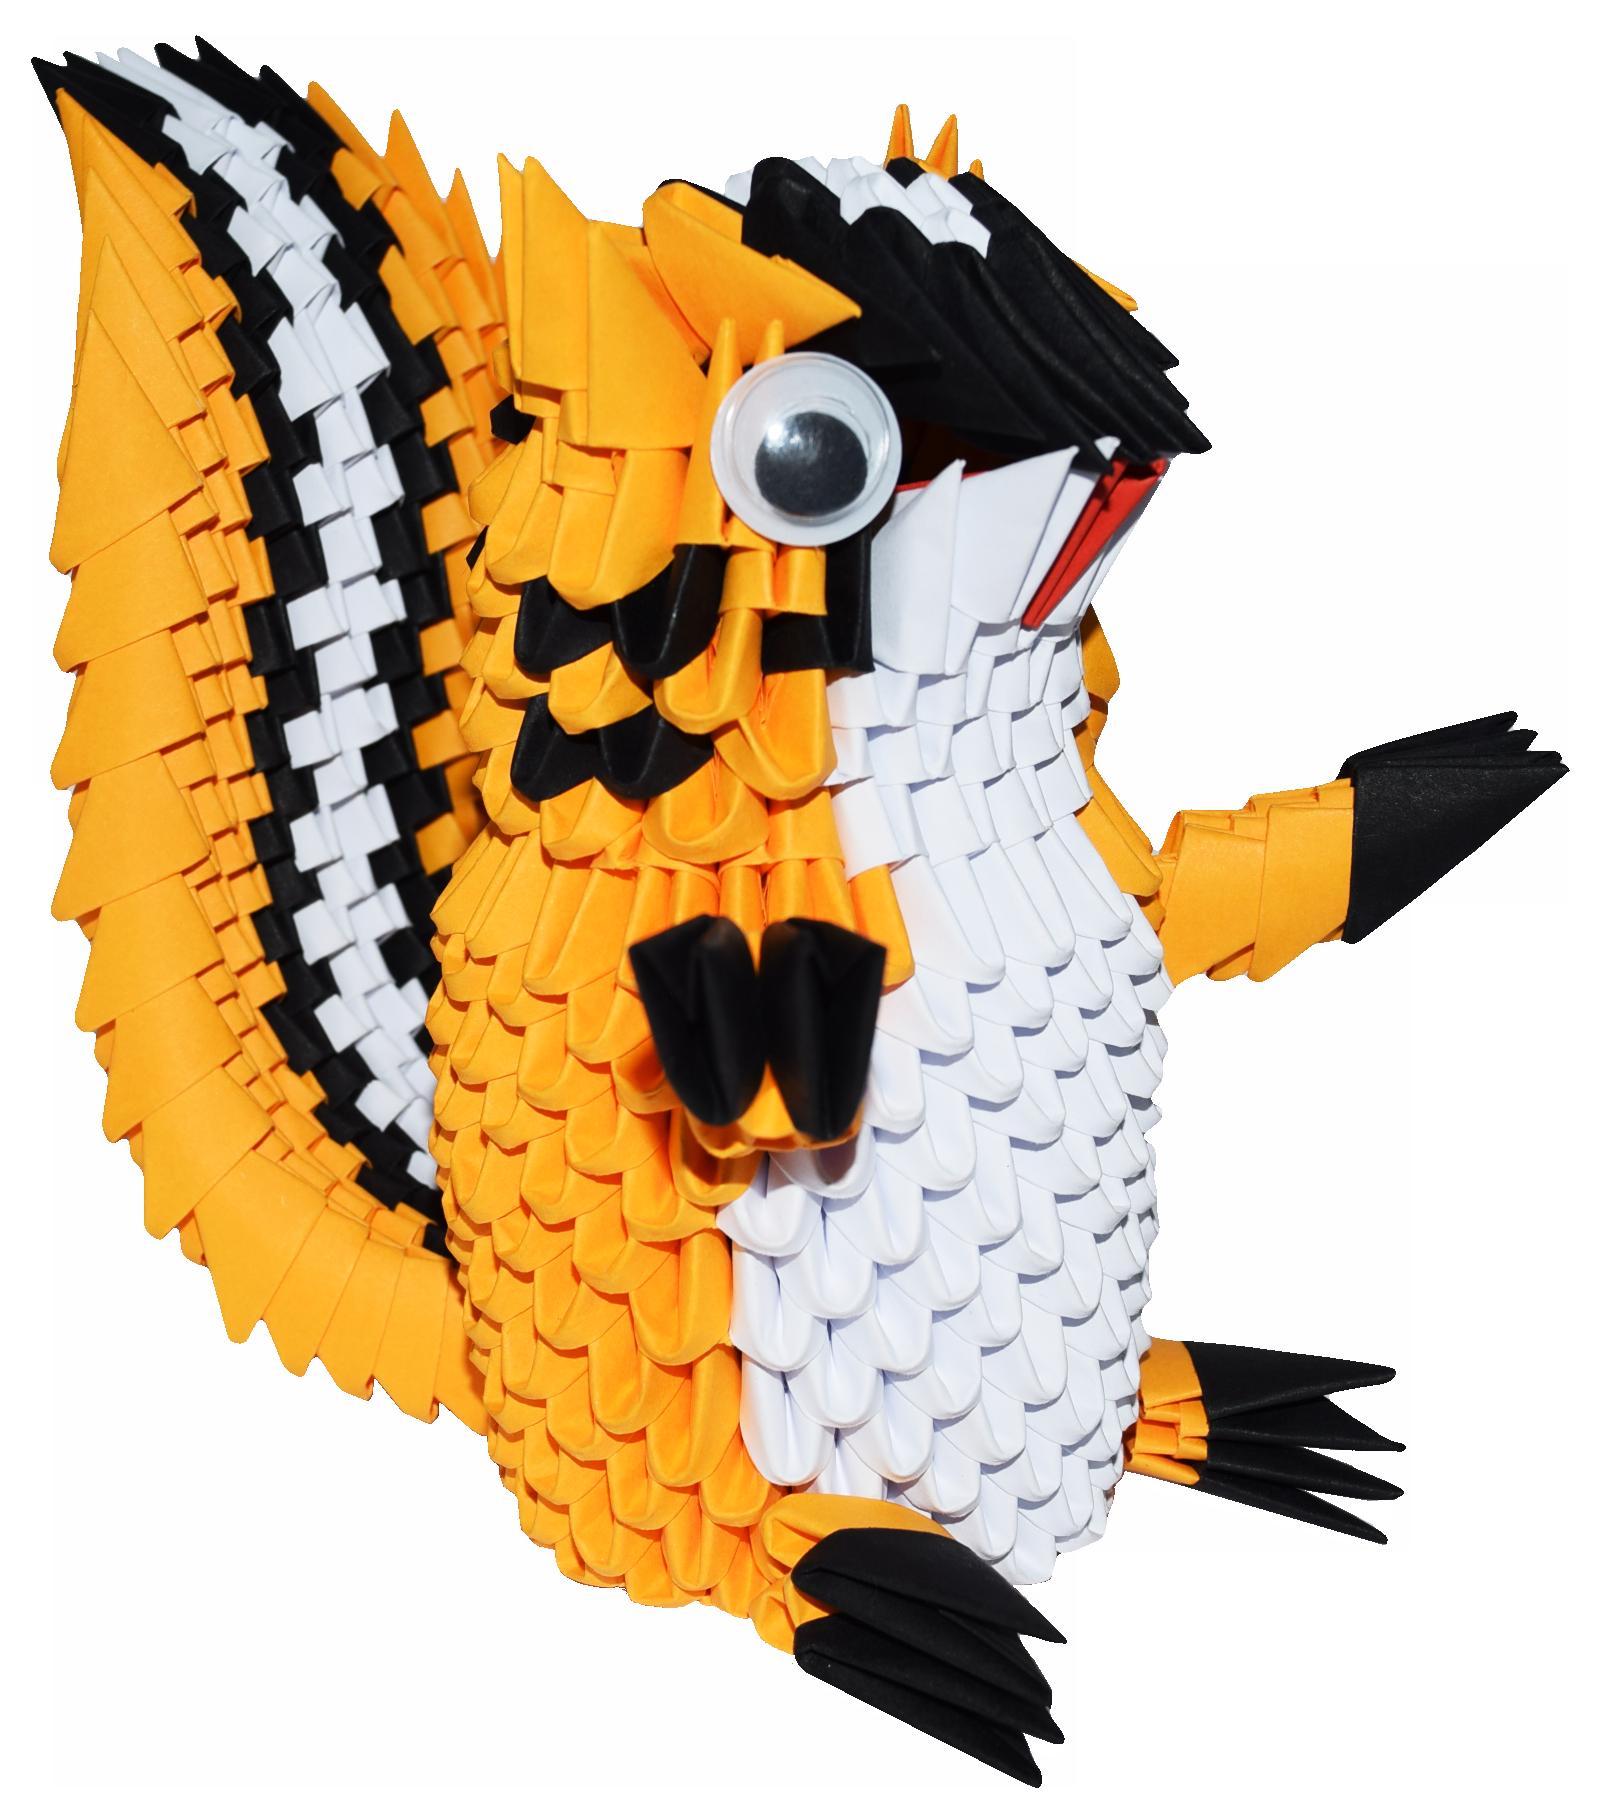 Kit ScoiattoloKit Squirrel – 3D Origami - photo#48